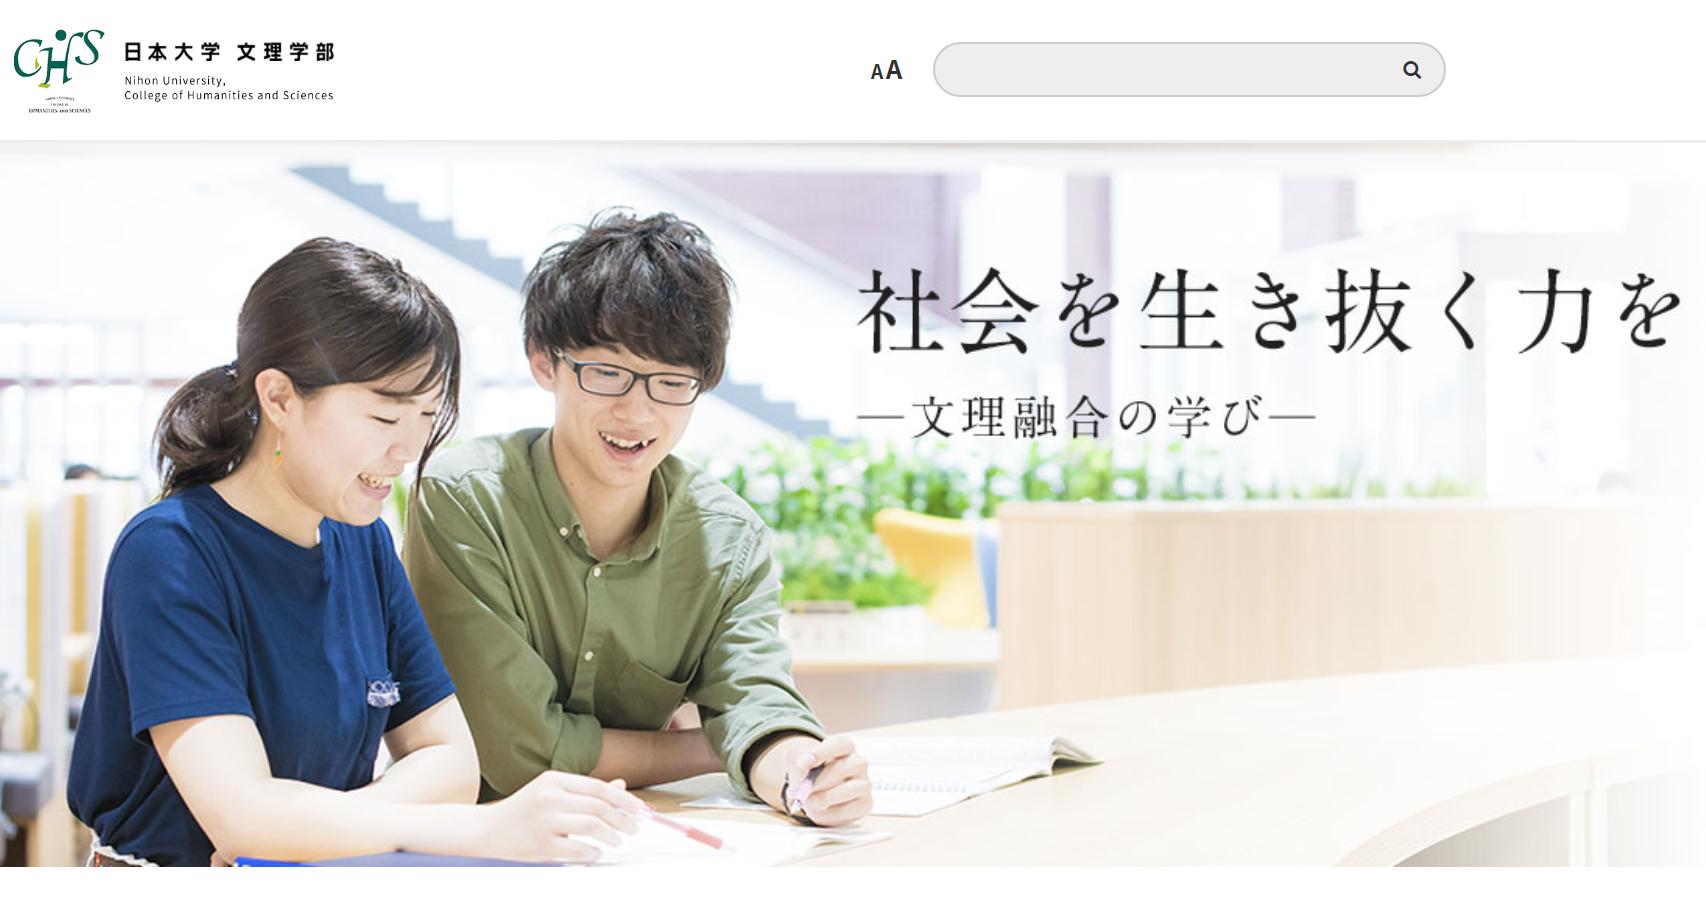 日本大学の評判・口コミ【文理学部編】